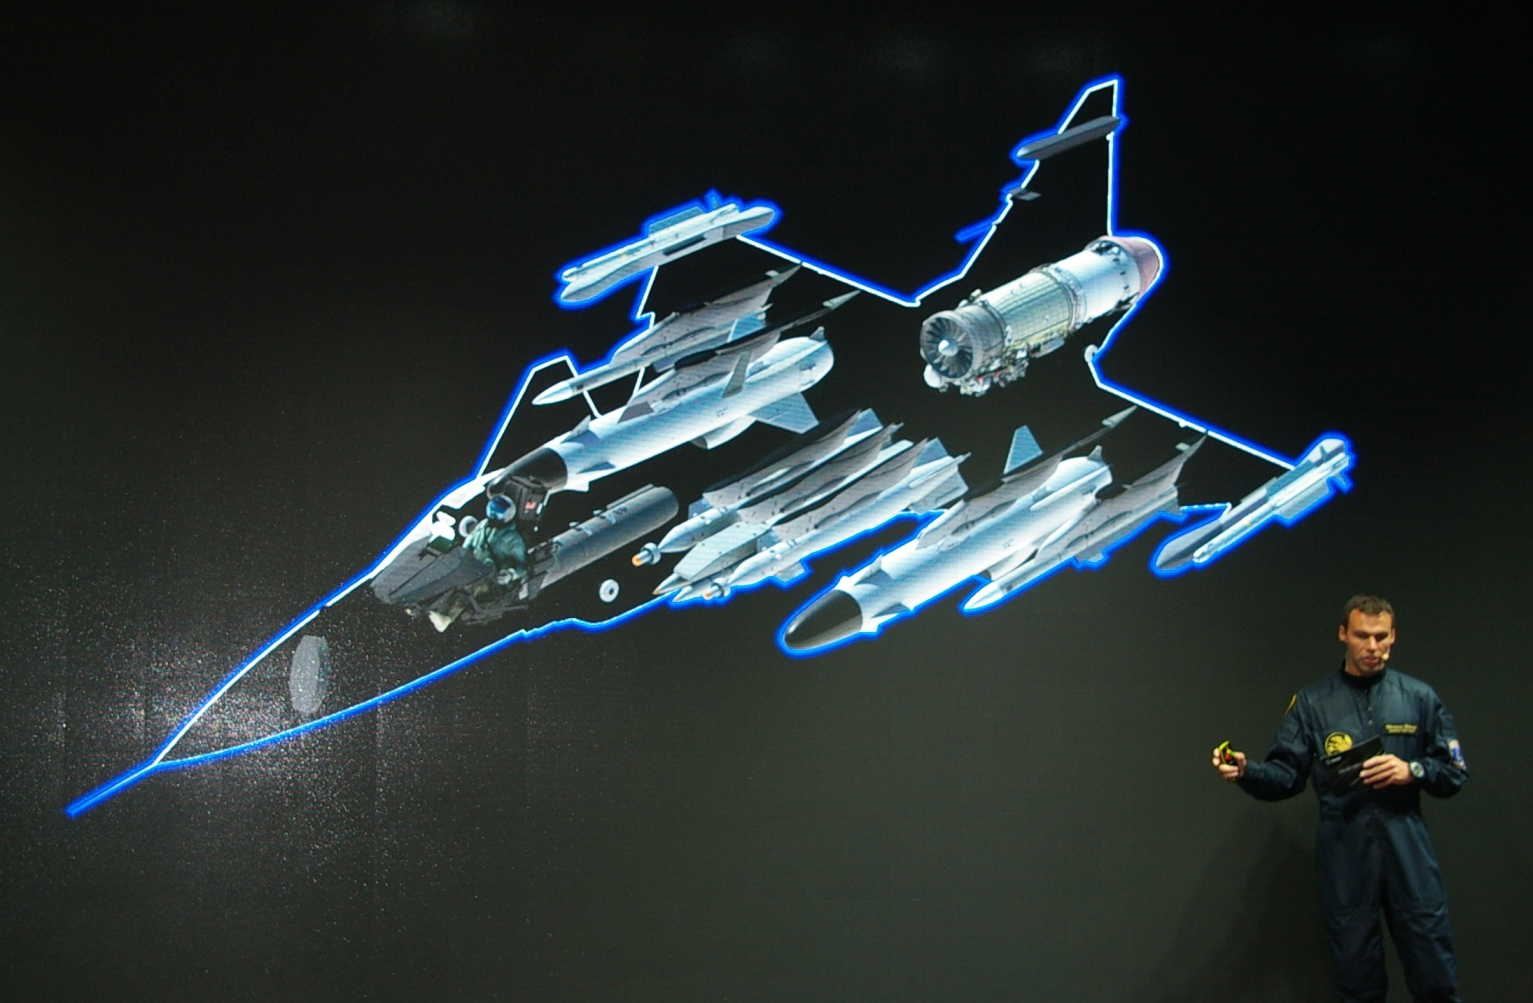 Prezentacja koncepcji Gripena E. Saab twierdzi, że dla współczesnego myśliwca najważniejsza jest moc obliczeniowa komputerów pokładowych i szeroki wachlarz przenoszonego uzbrojenia, a nie właściwości stealth. (Maciej Hypś, konflikty.pl)